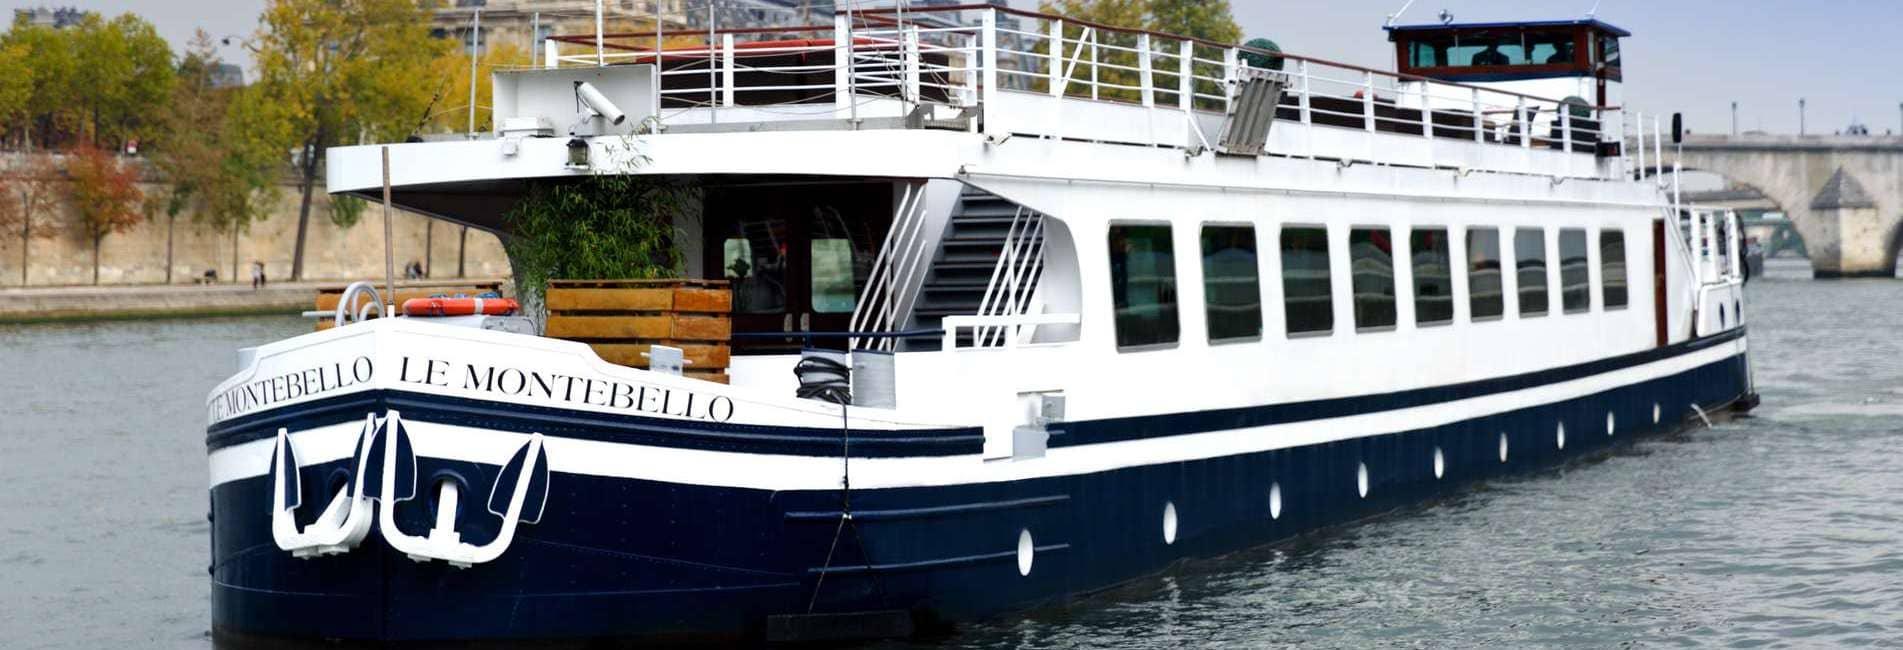 Péniche Montebello en navigation sur la Seine